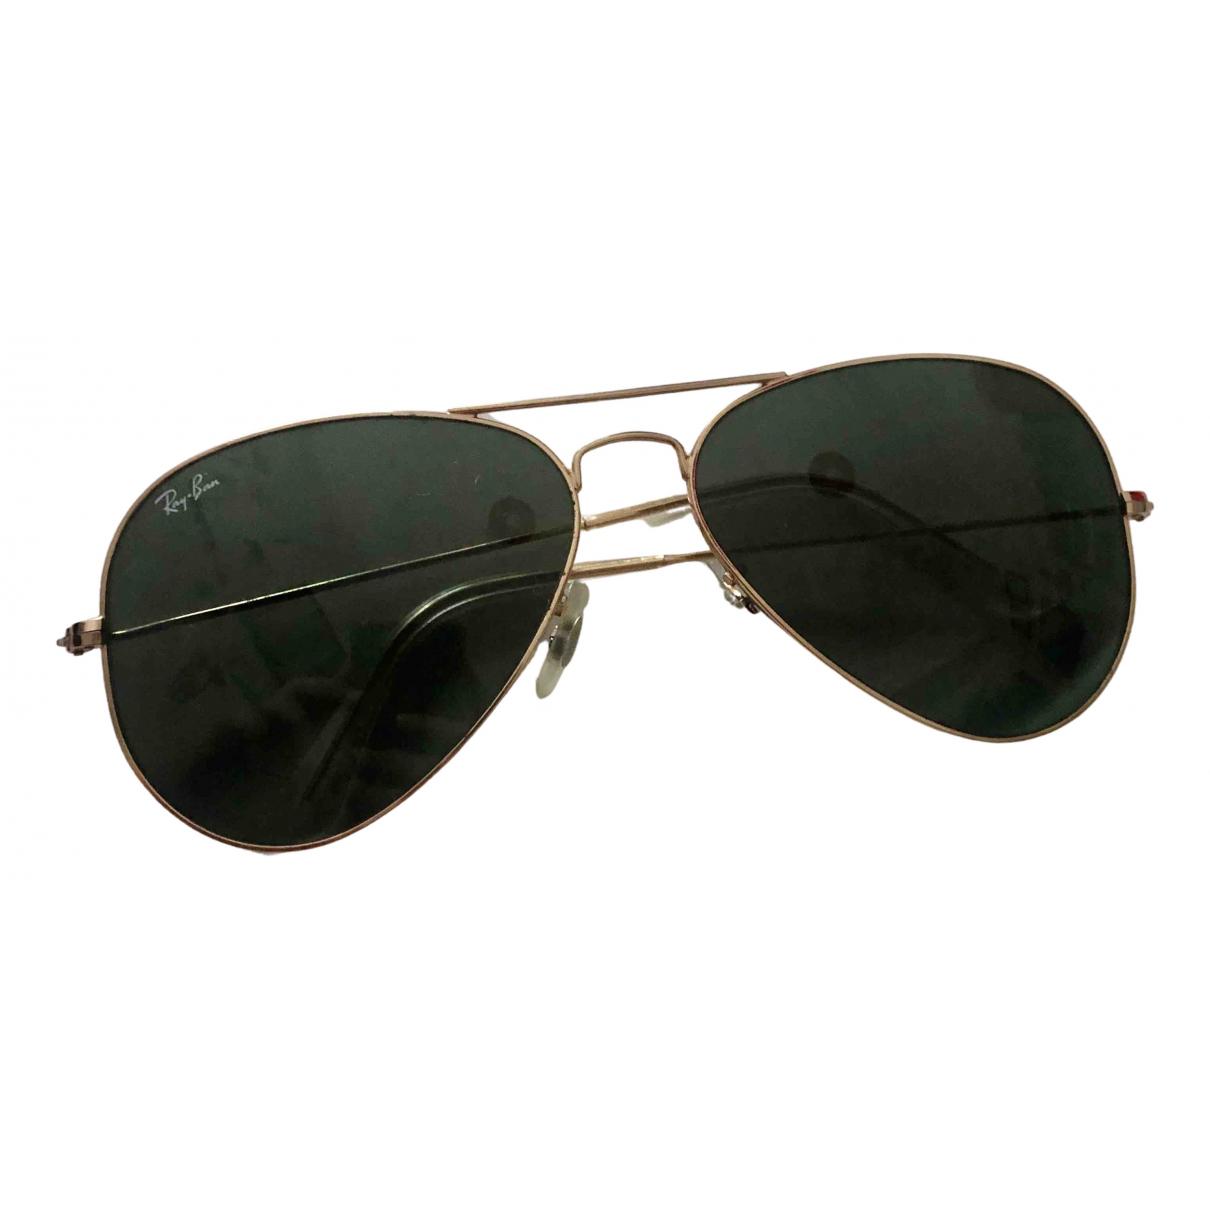 Ray-ban Aviator Sonnenbrillen in  Gruen Metall